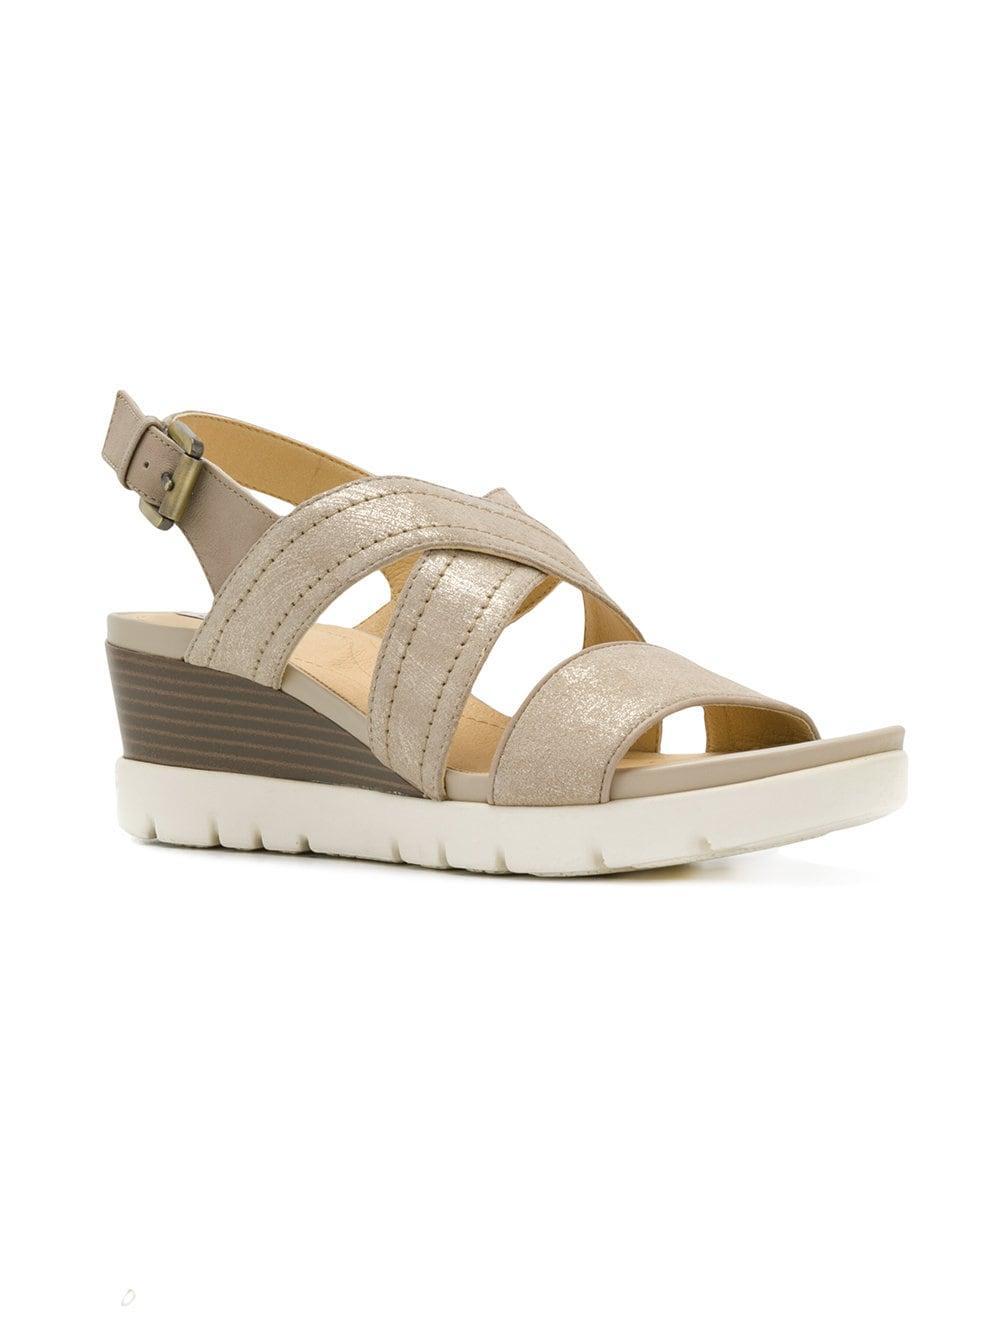 a6766552084 Lyst - Geox Marykarmen Plus Sandals